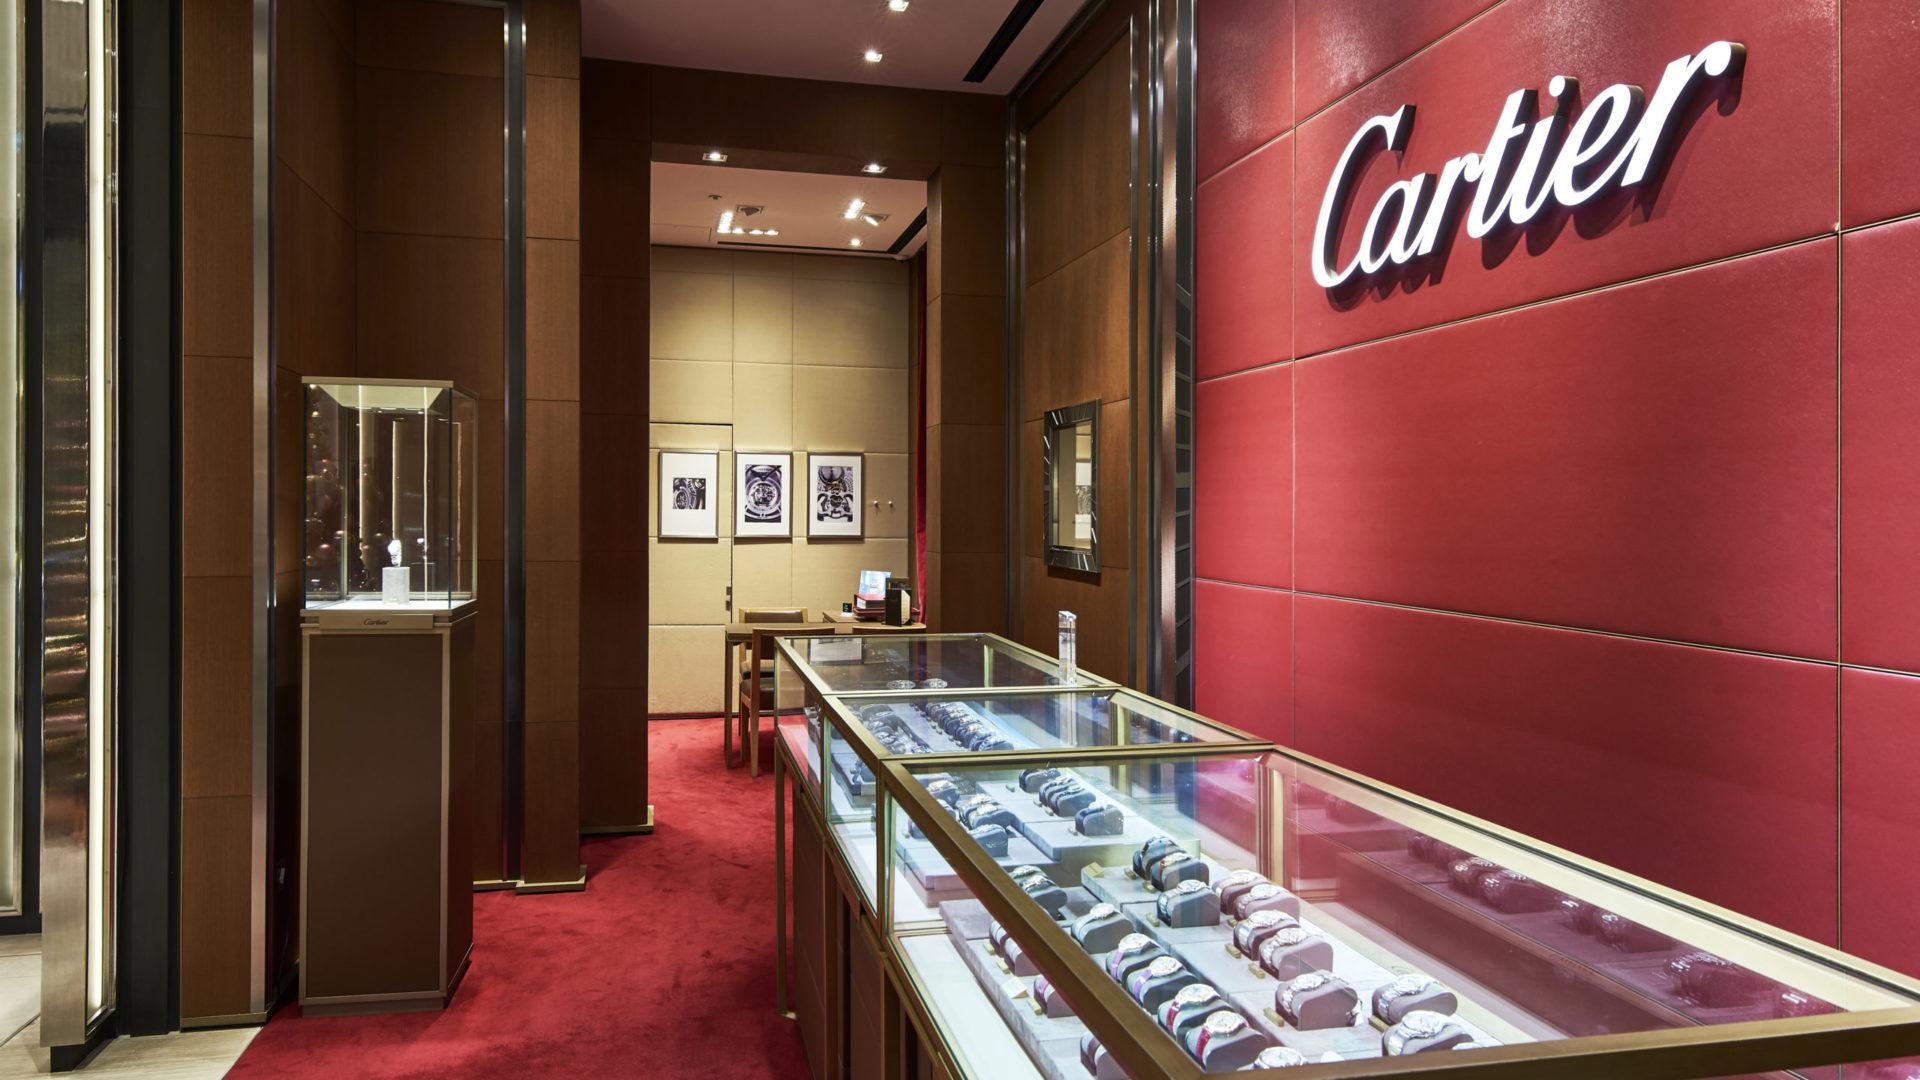 WoS Regent Street 461 Cartier 62